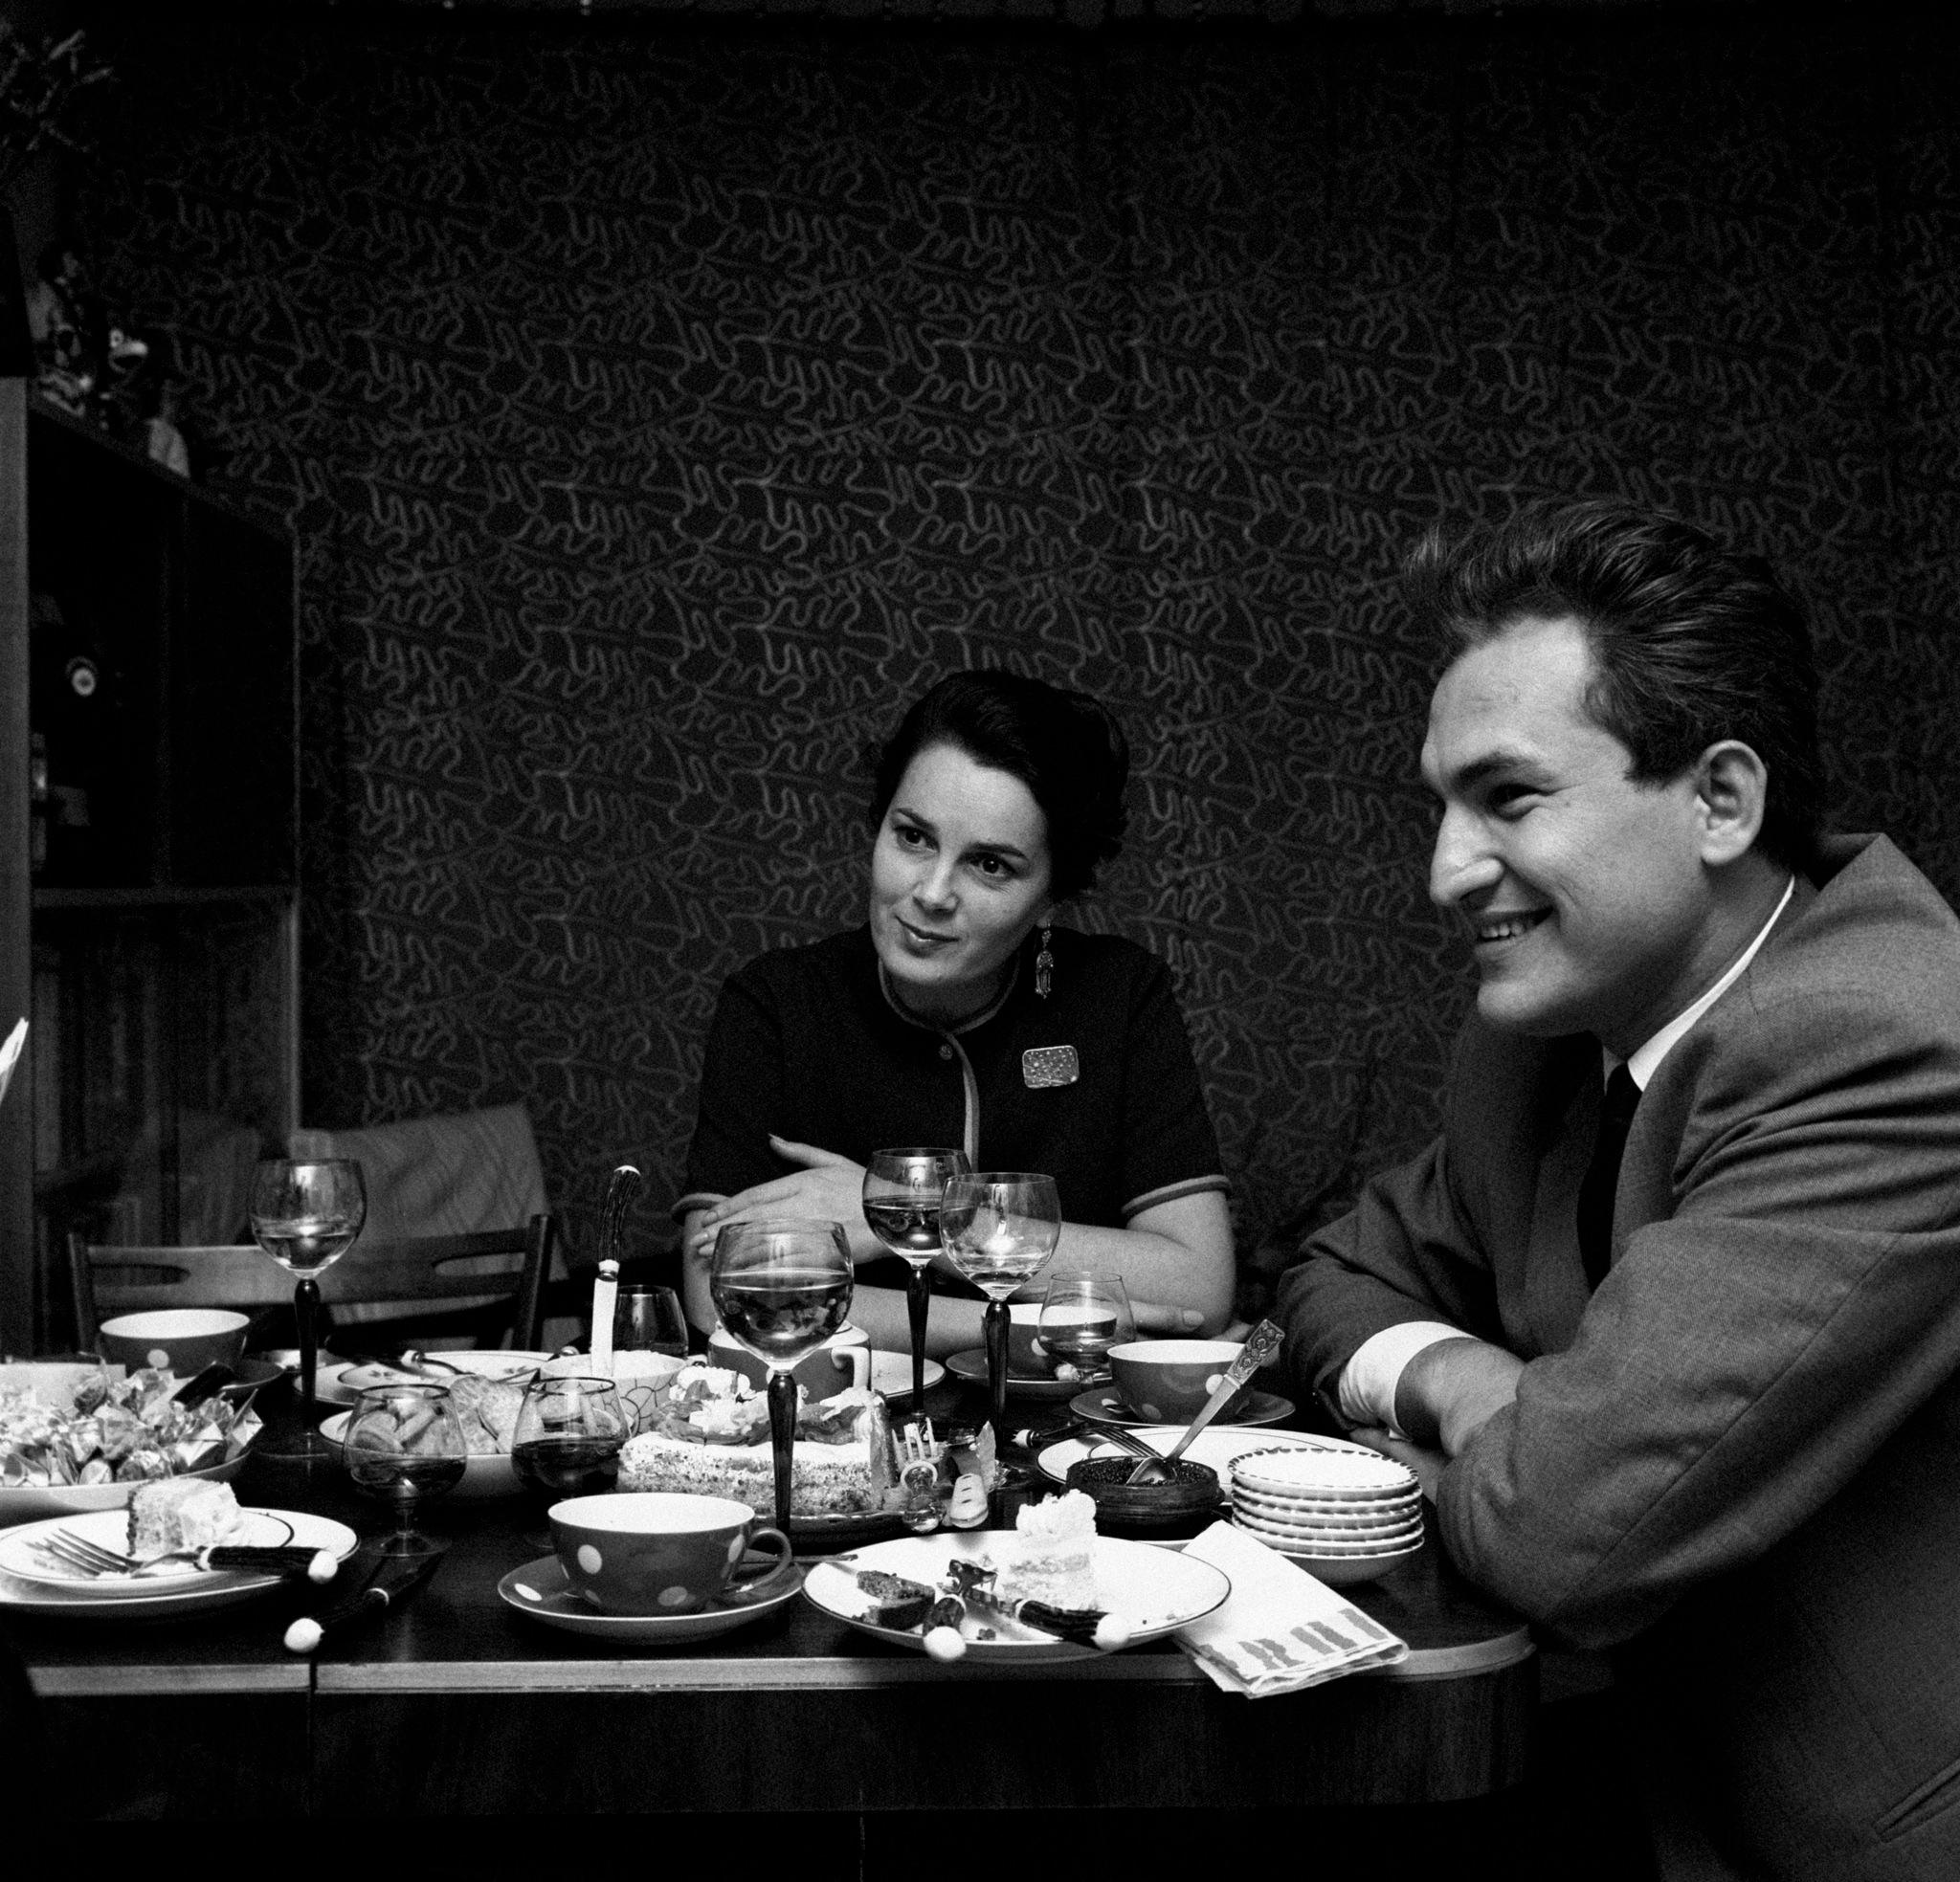 Элина Быстрицкая сидит за столиком вместе с переводчиком, который переводит на английский язык слова актрисы для журналиста итальянского журнала Epoca